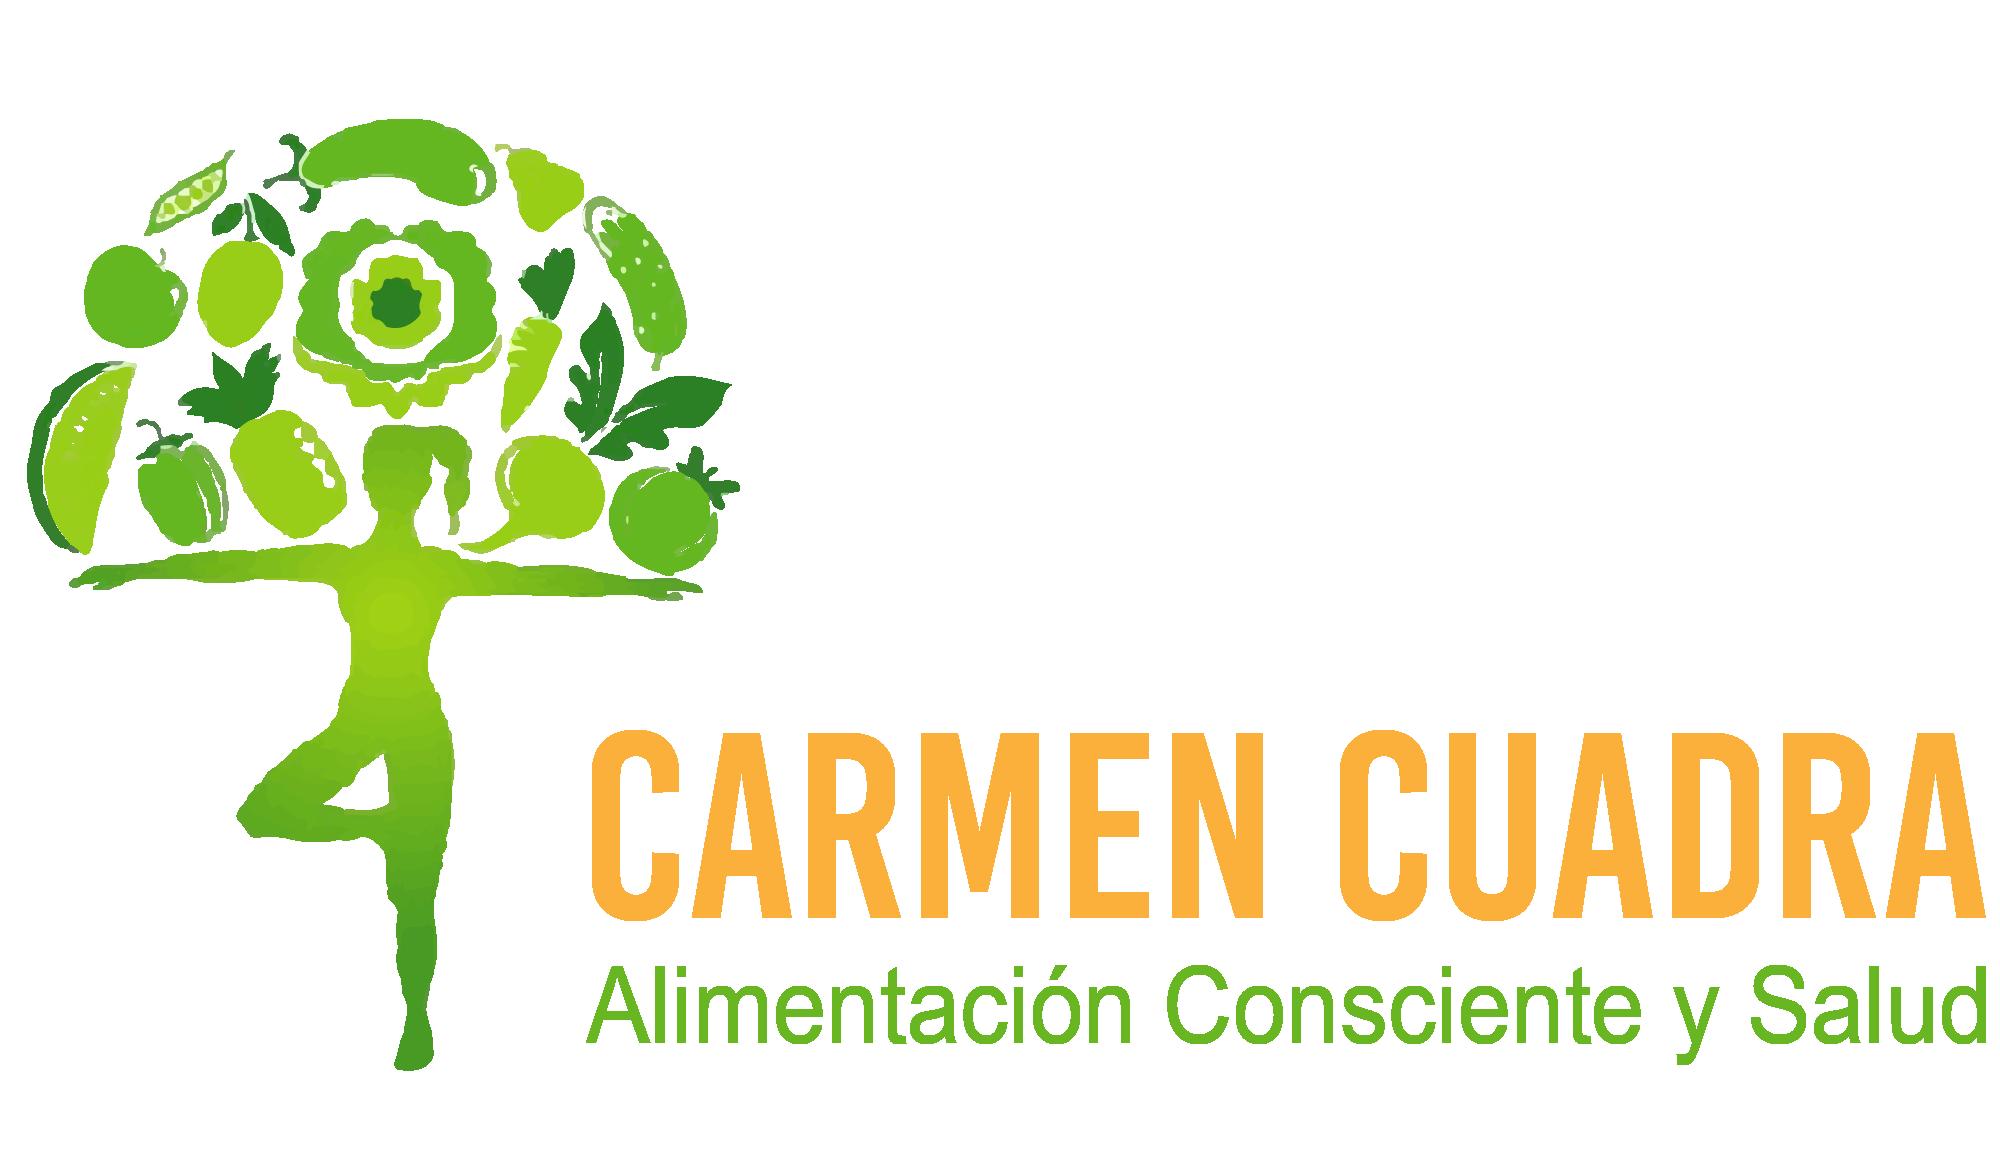 Carmen Cuadra